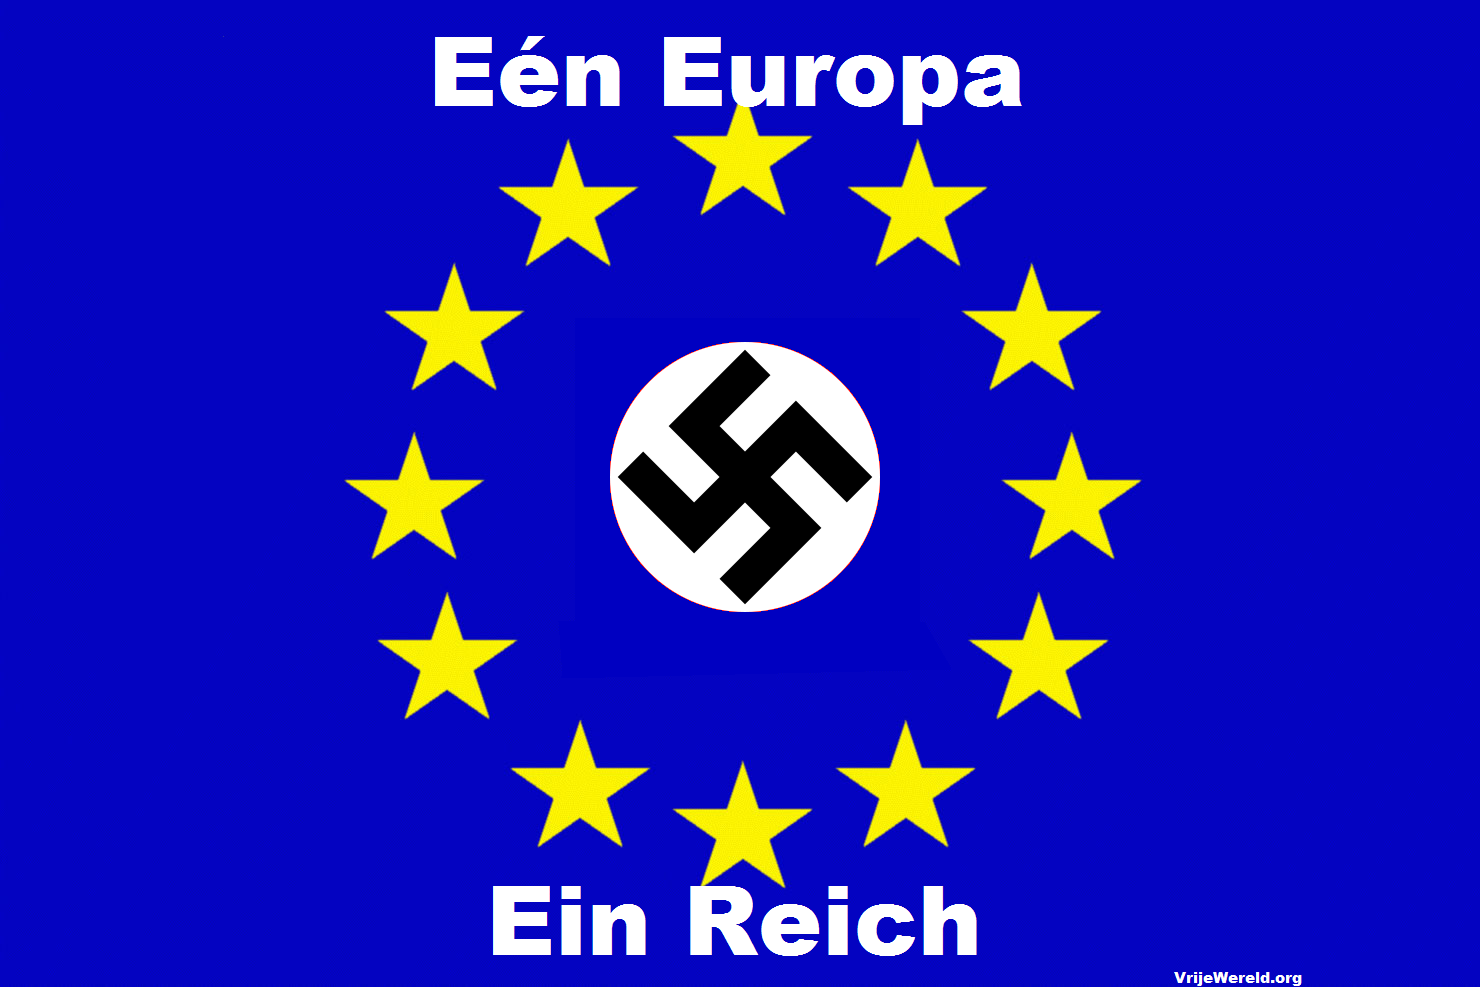 eu nazis